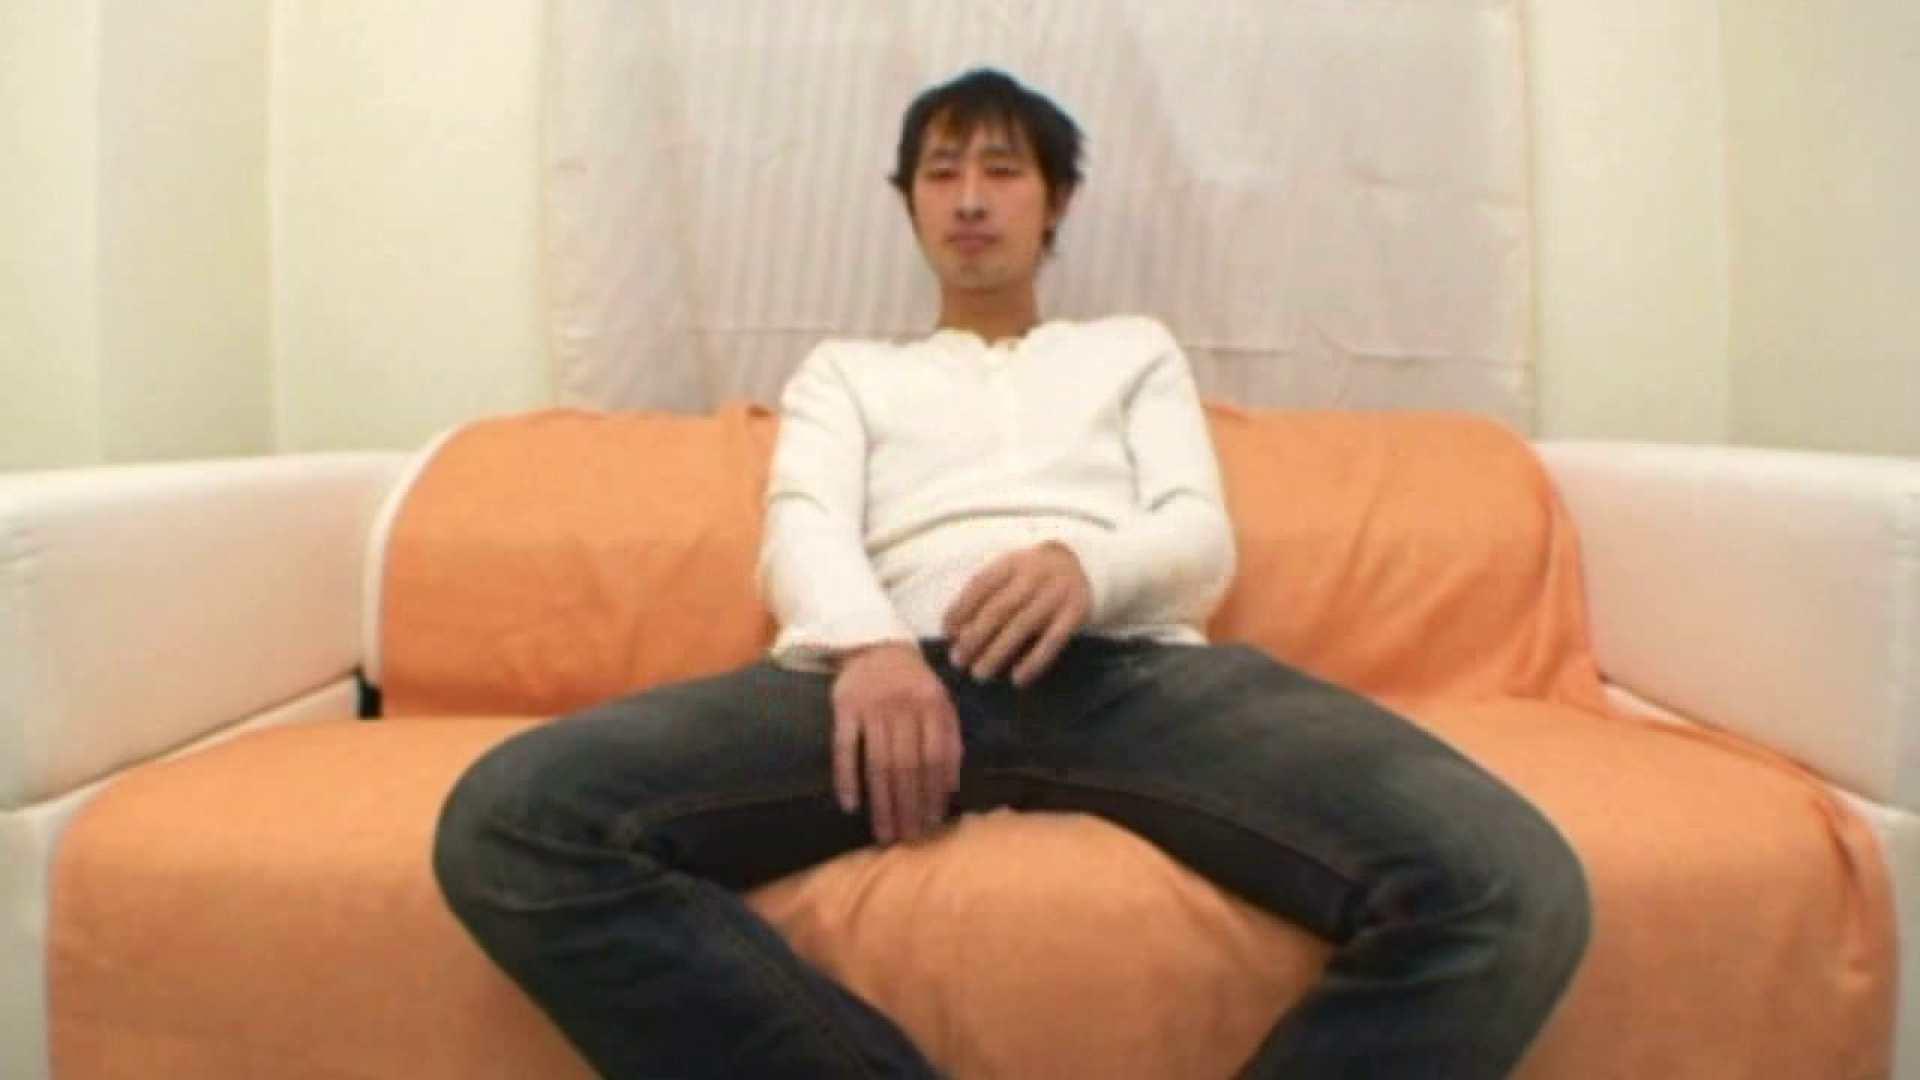 イケメンズエステティック倶楽部Case.02 ローション  103画像 75